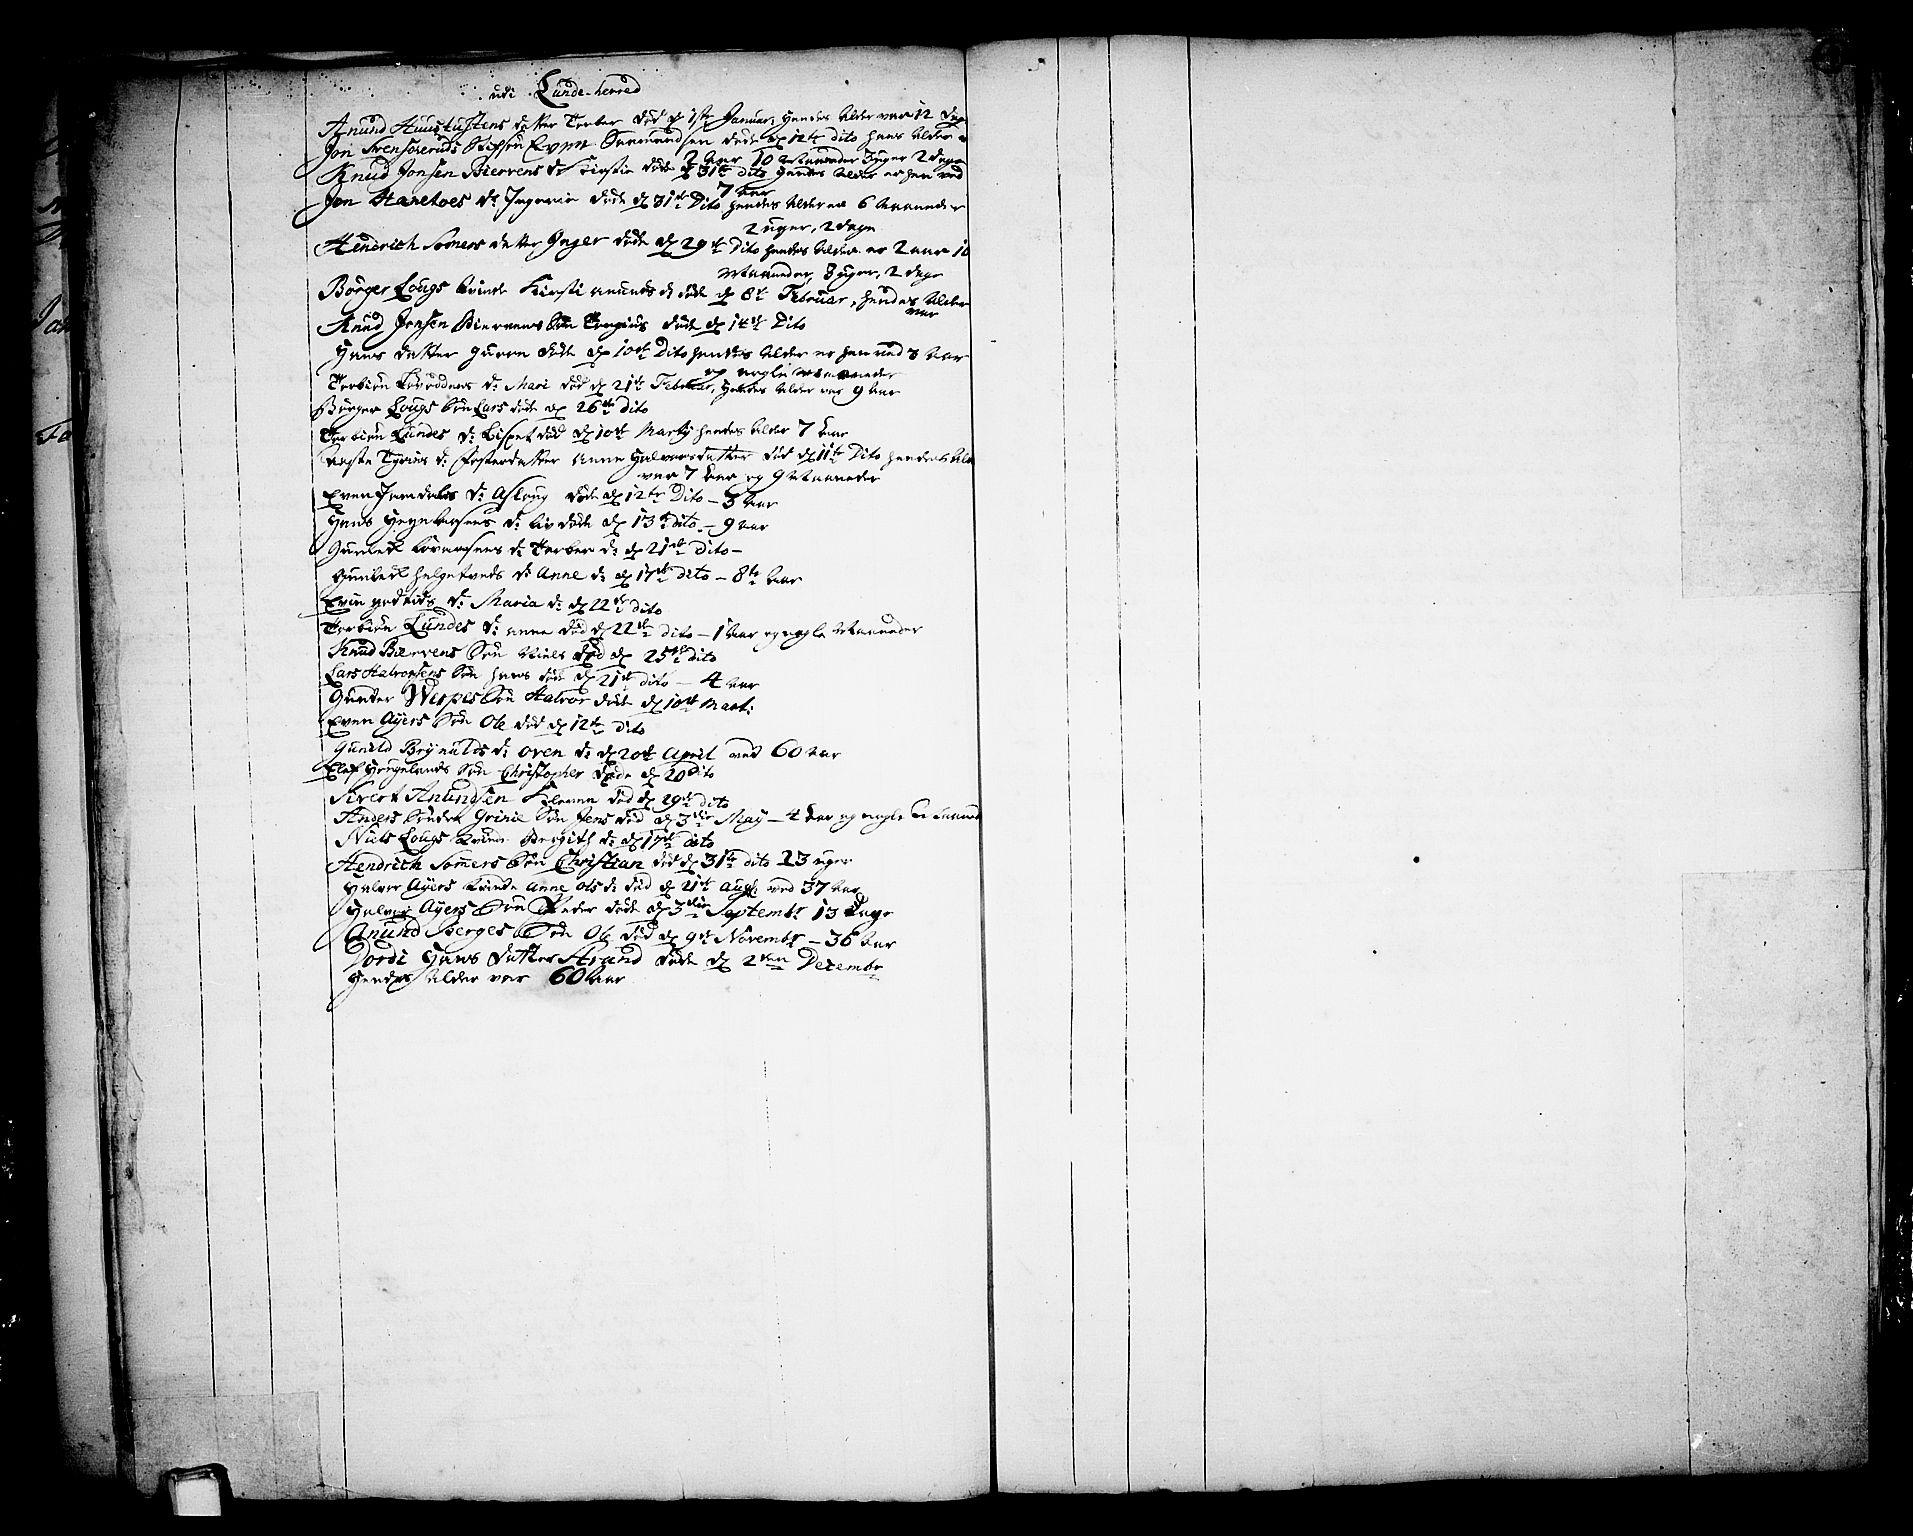 SAKO, Bø kirkebøker, F/Fa/L0003: Ministerialbok nr. 3, 1733-1748, s. 64